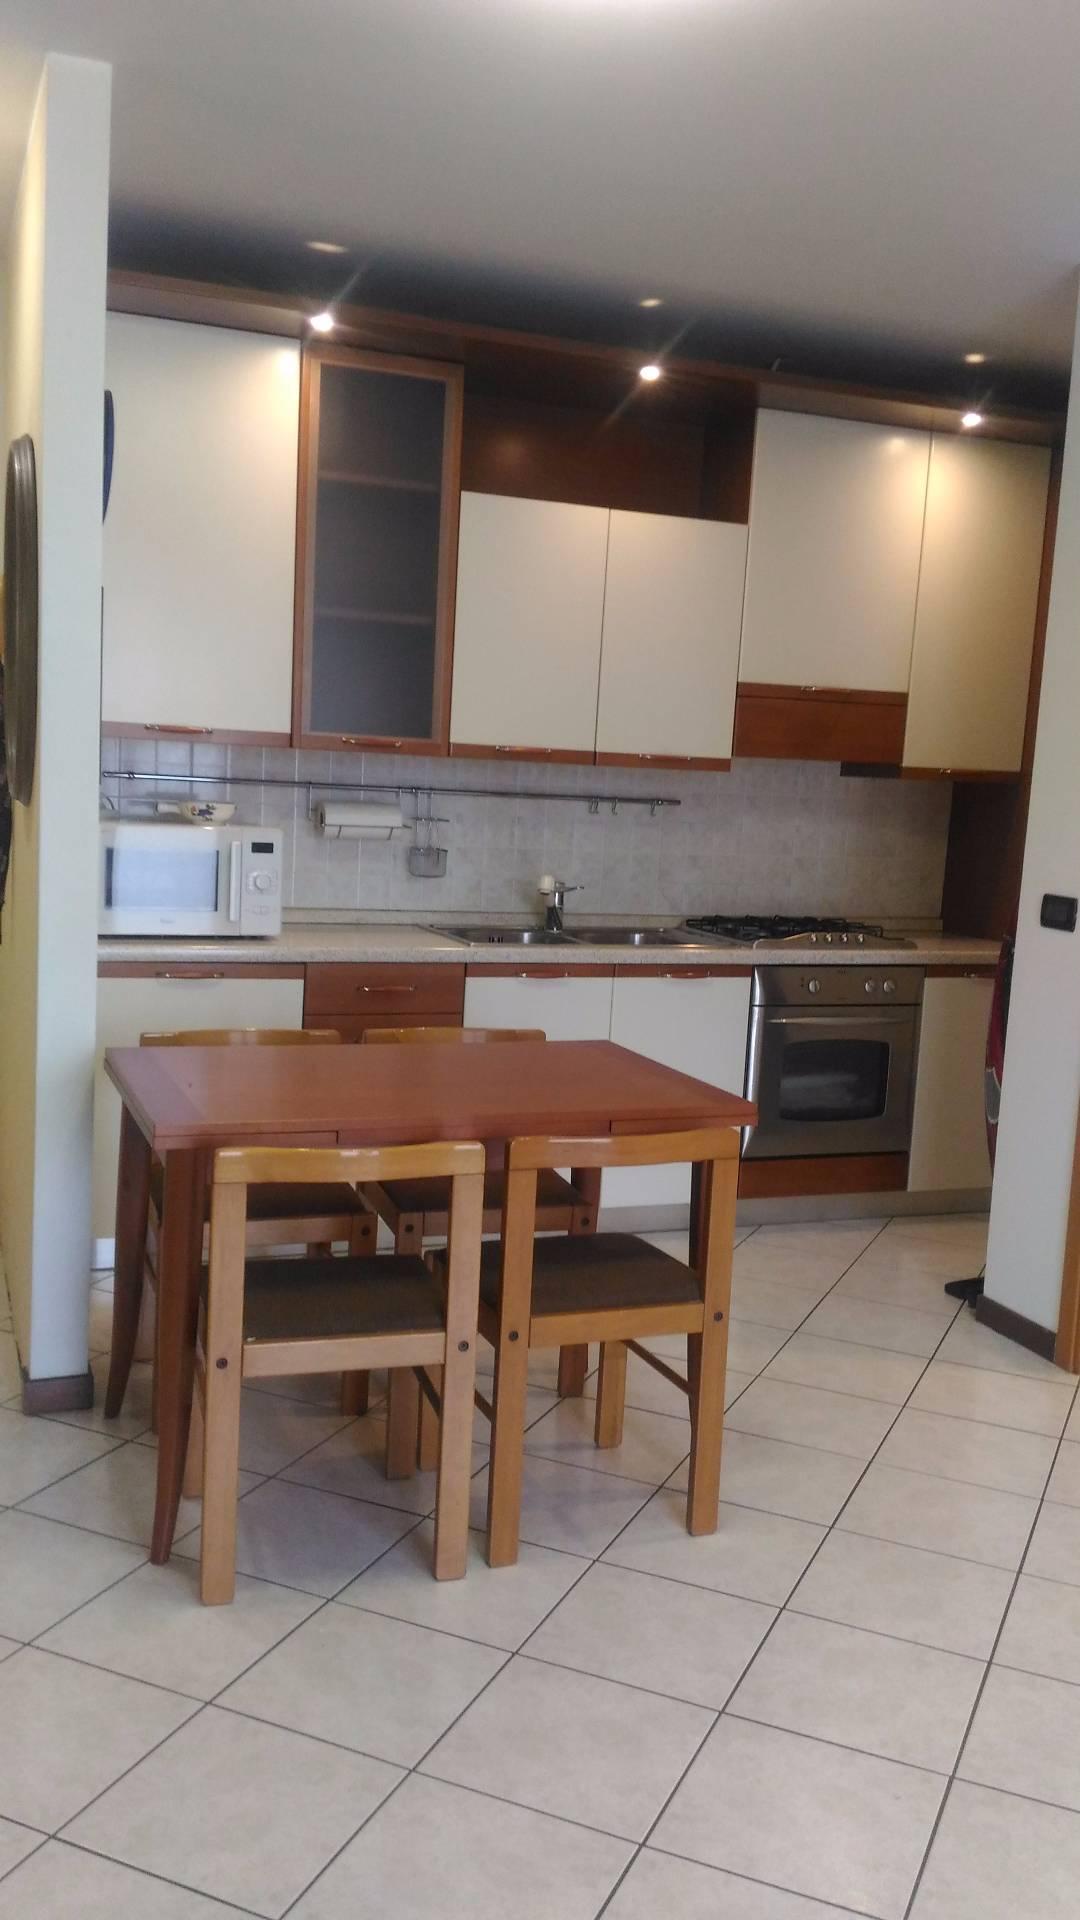 Appartamento in affitto a Pasian di Prato, 2 locali, prezzo € 420 | CambioCasa.it